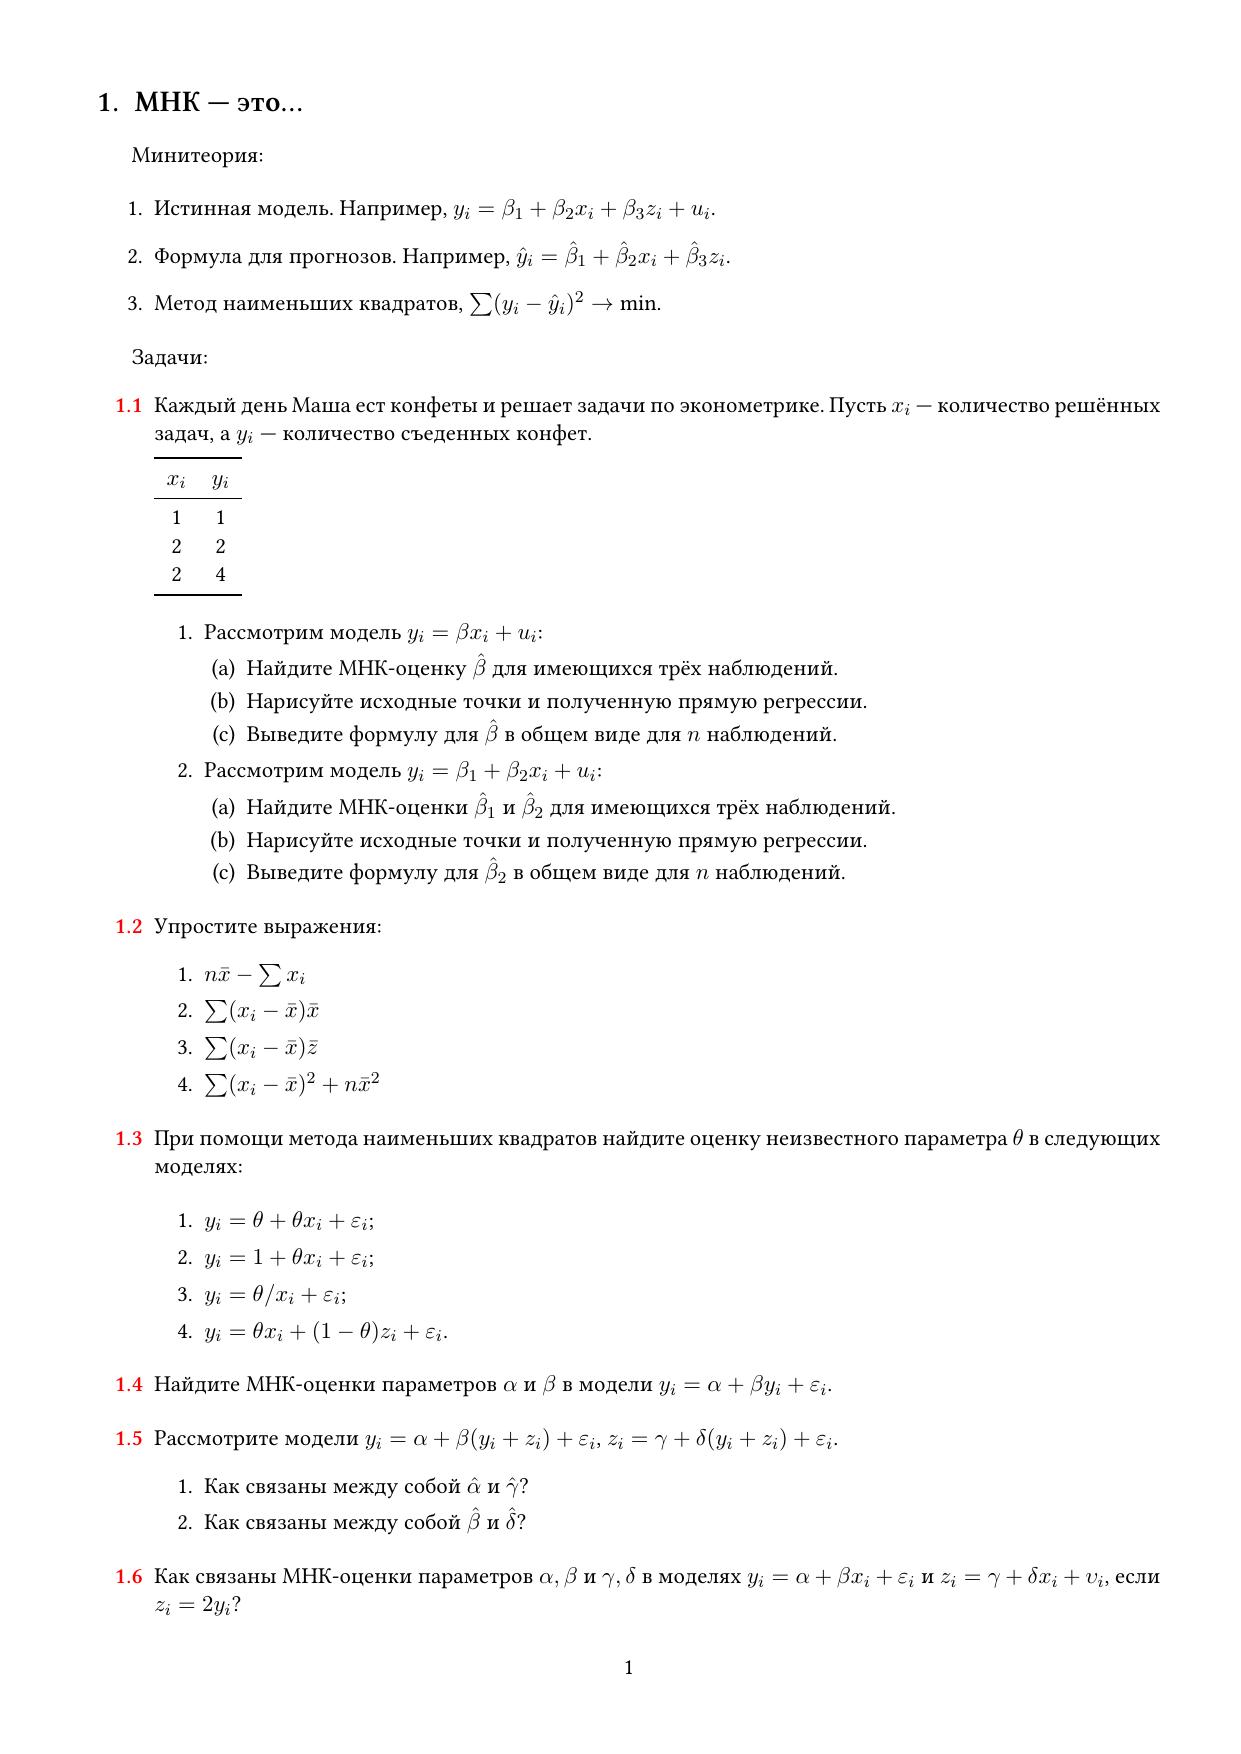 Работа по эконометрике линейная девушка модель регрессии работа моделью азия